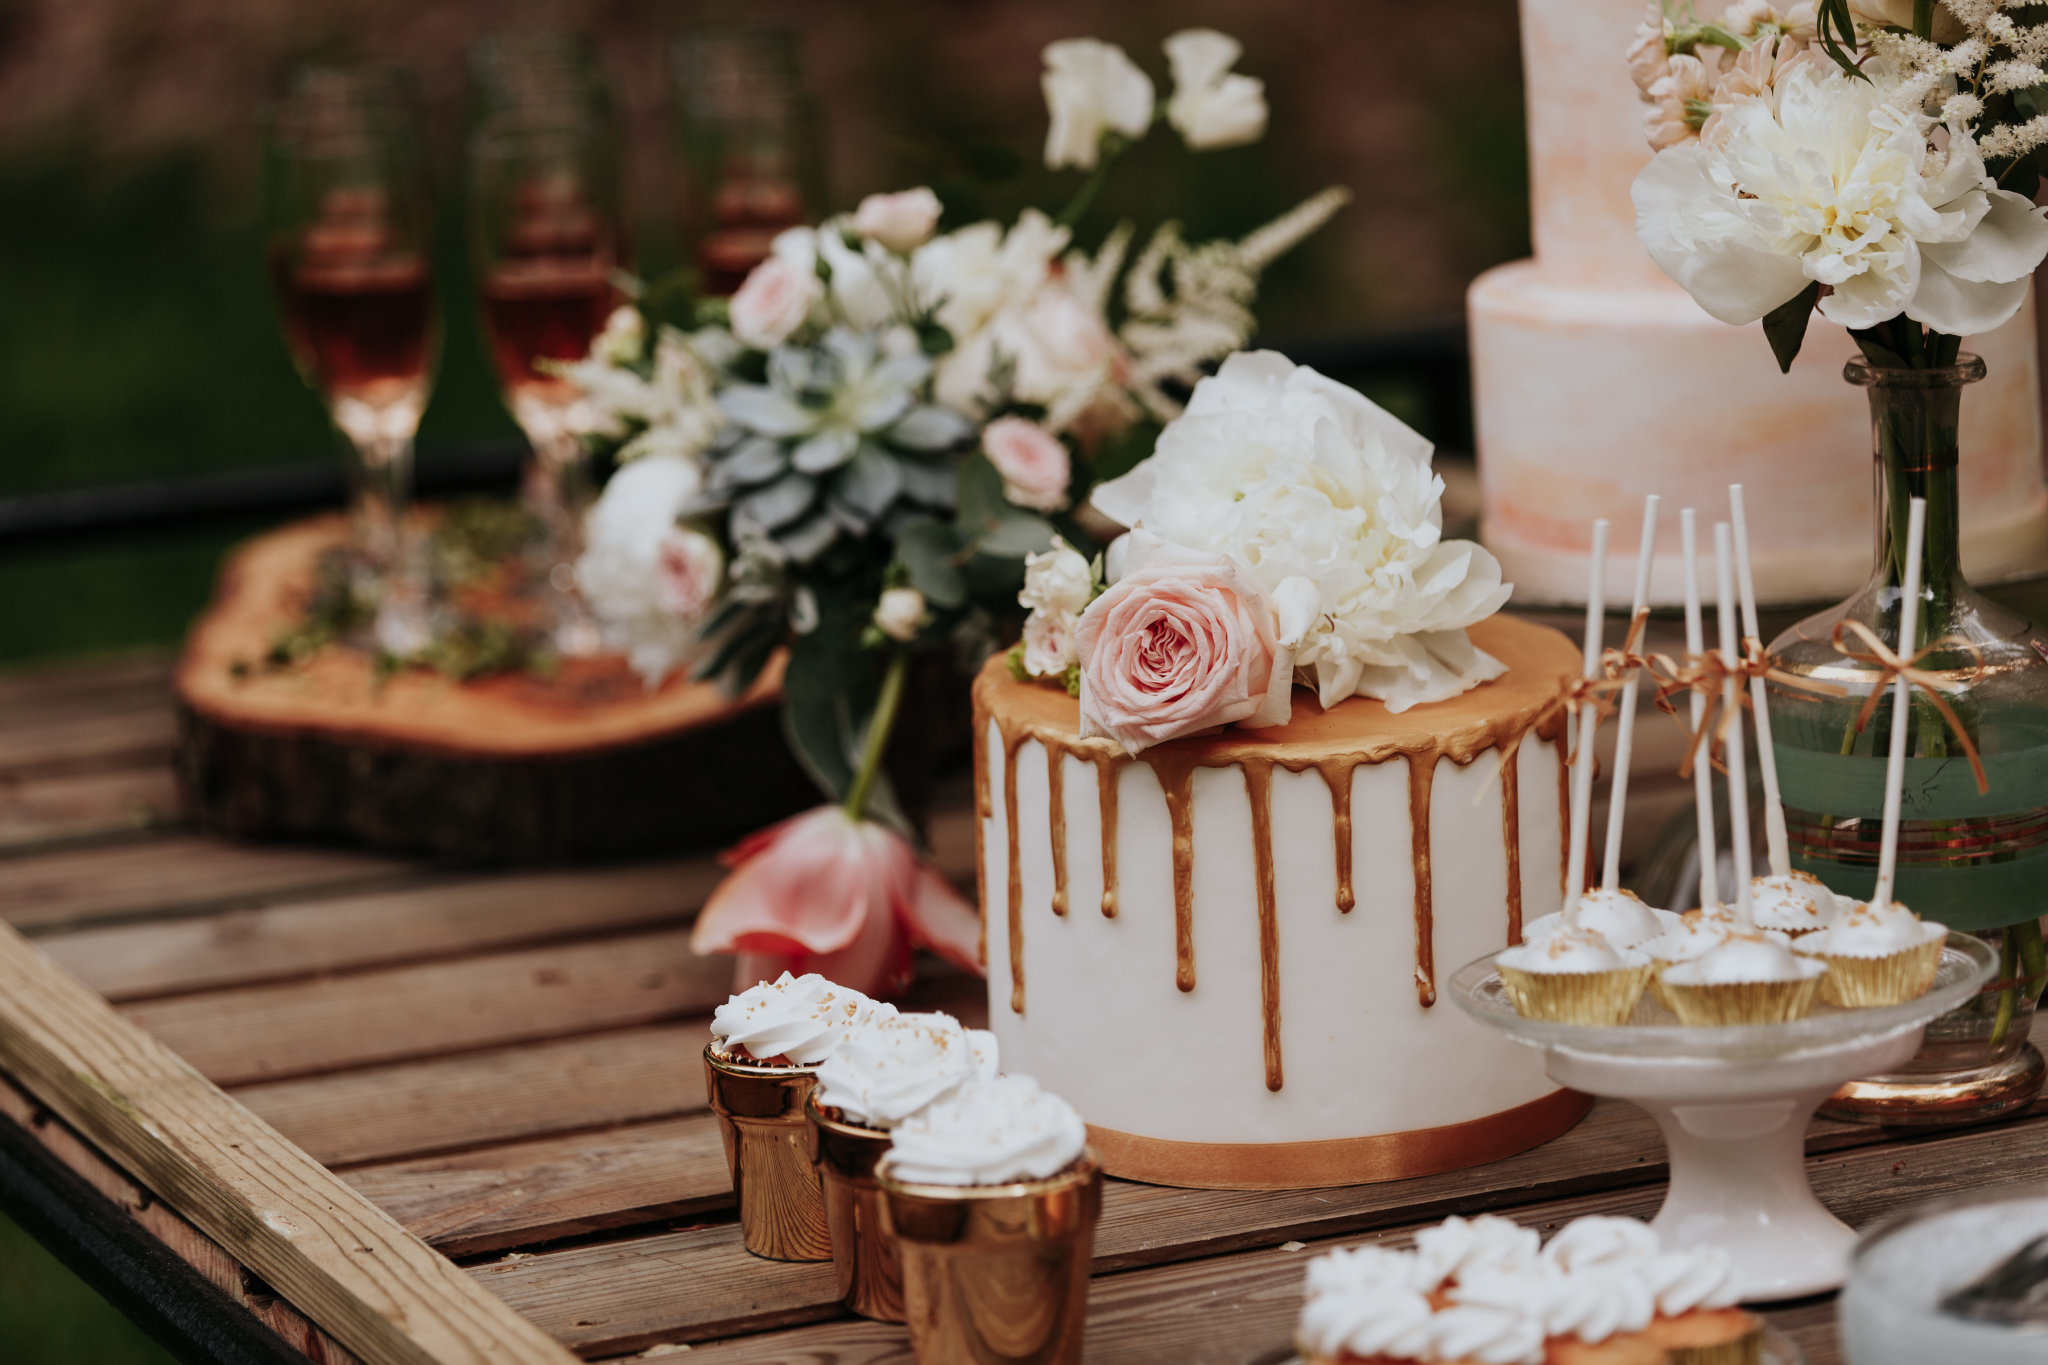 Geliefde Gastenboek voor je bruiloft   ThePerfectWedding.nl &SS45